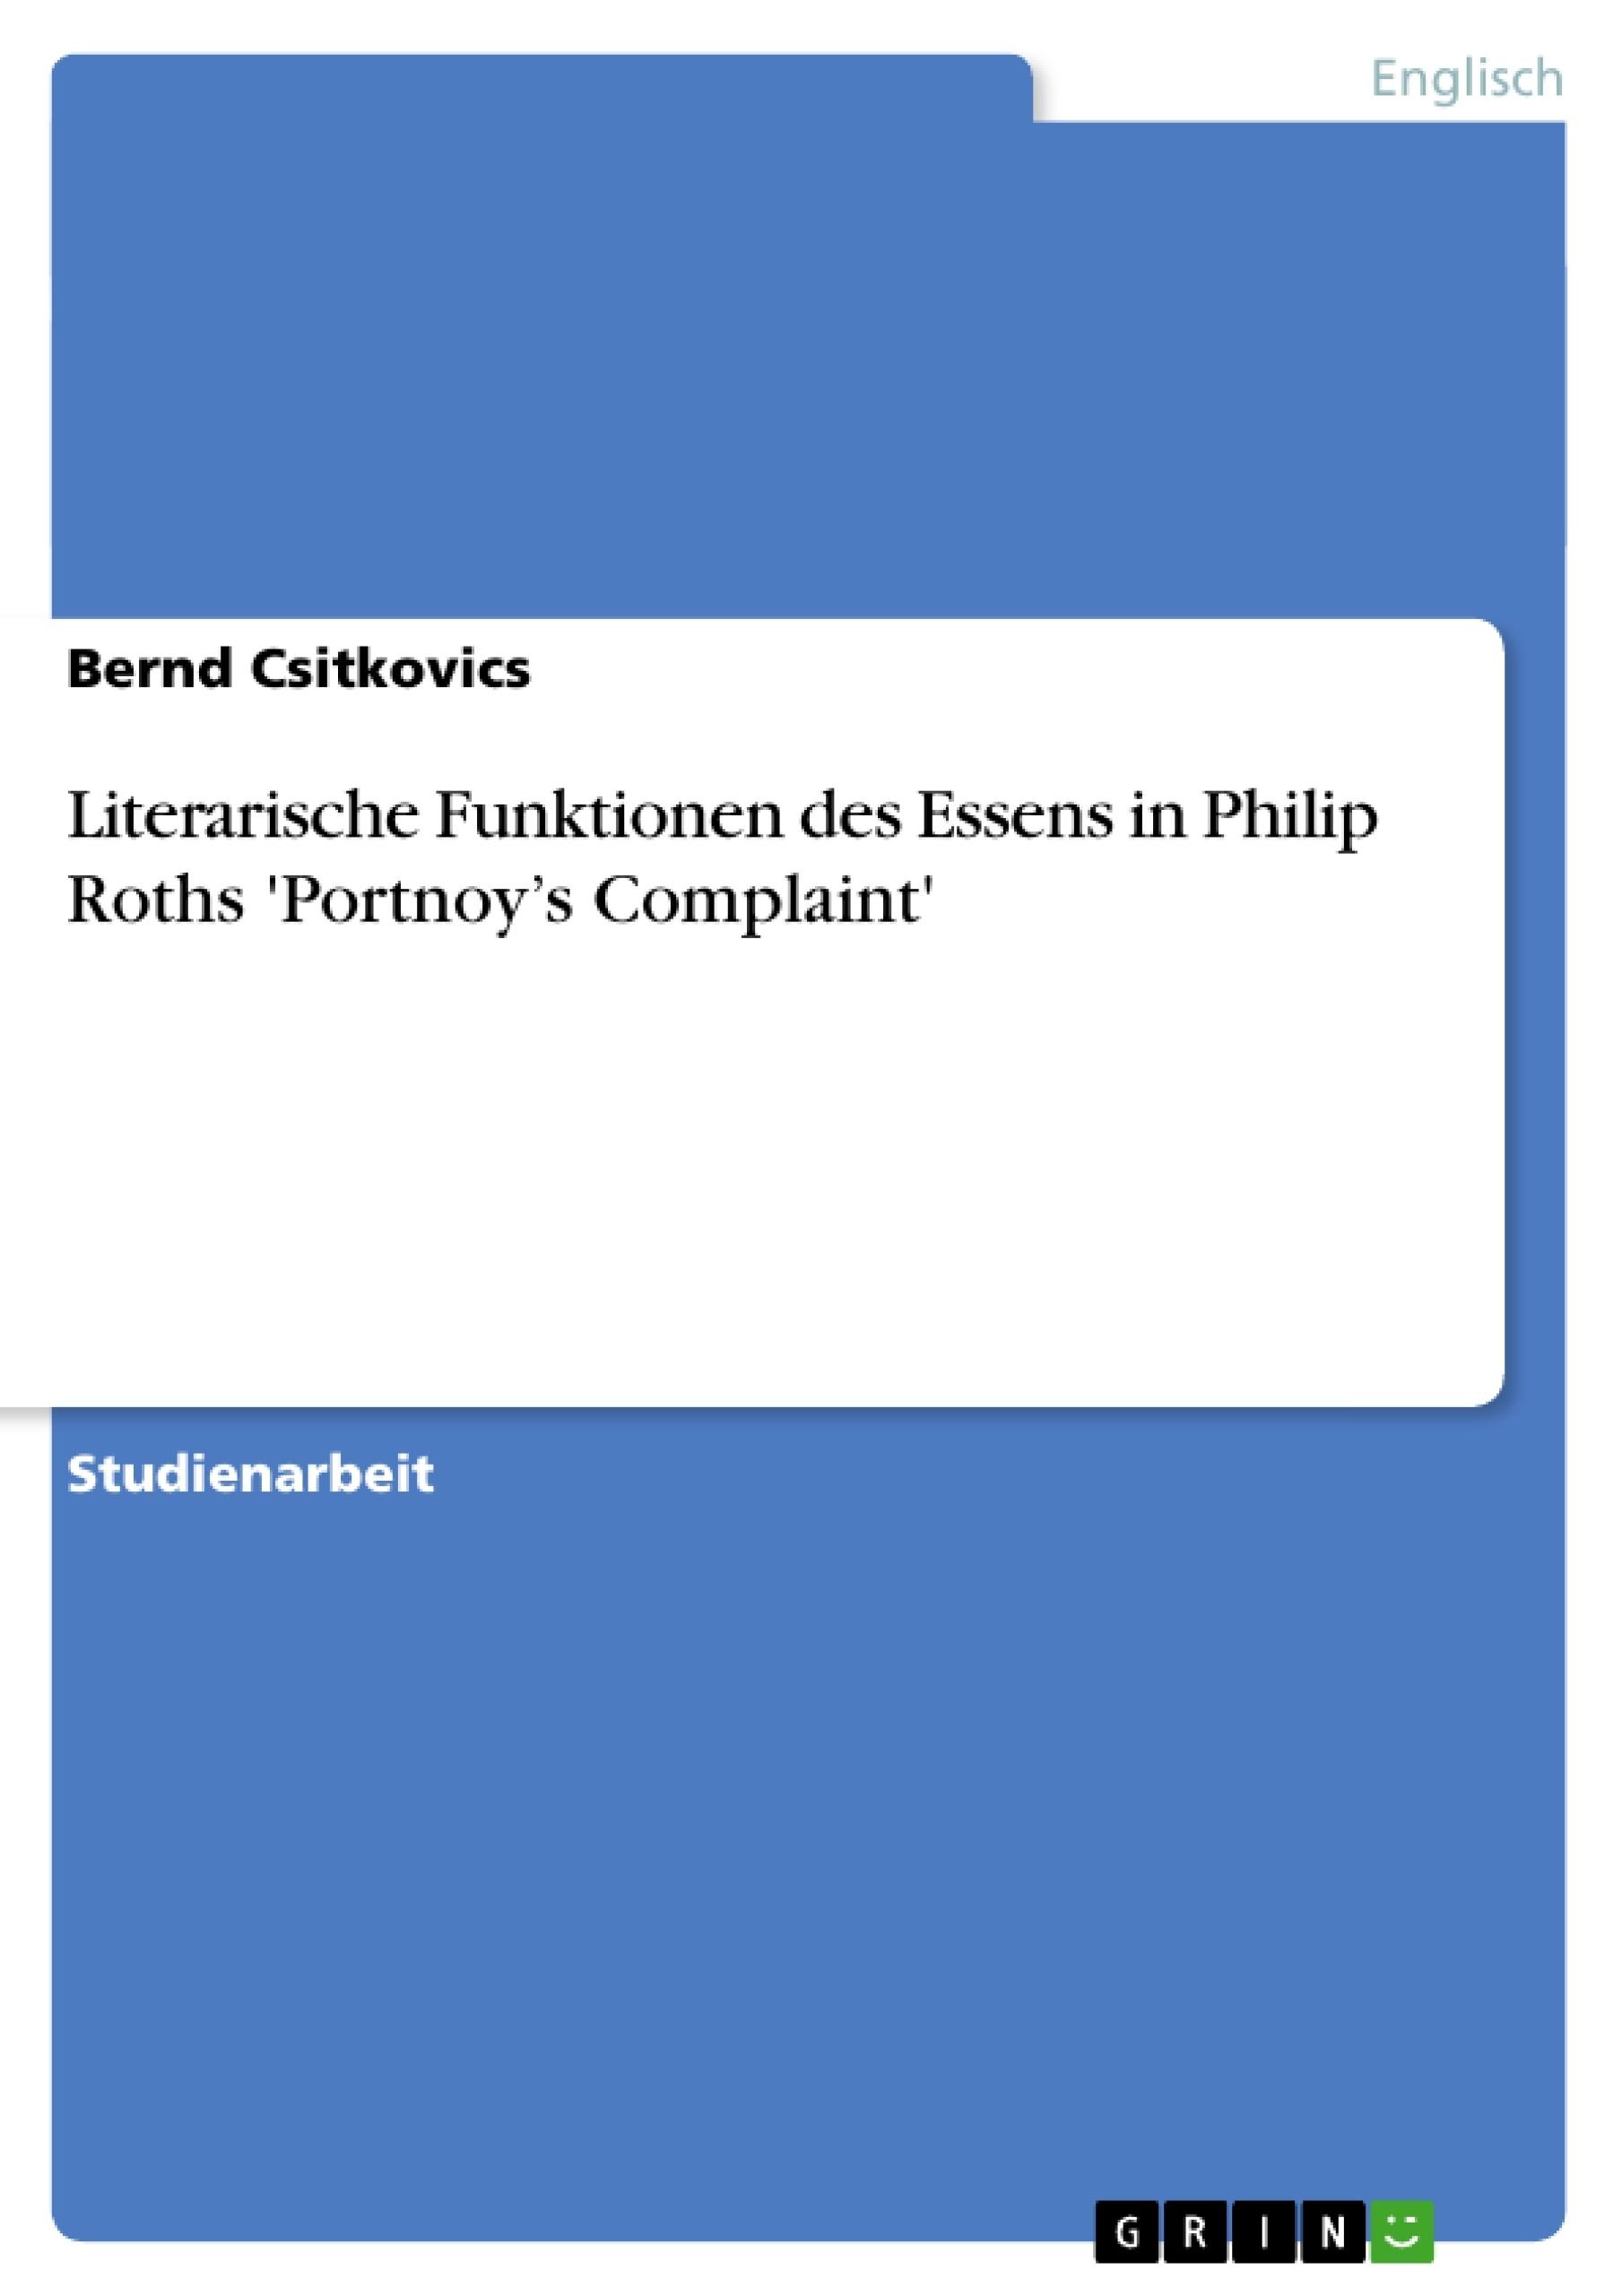 Titel: Literarische Funktionen des Essens in Philip Roths 'Portnoy's Complaint'